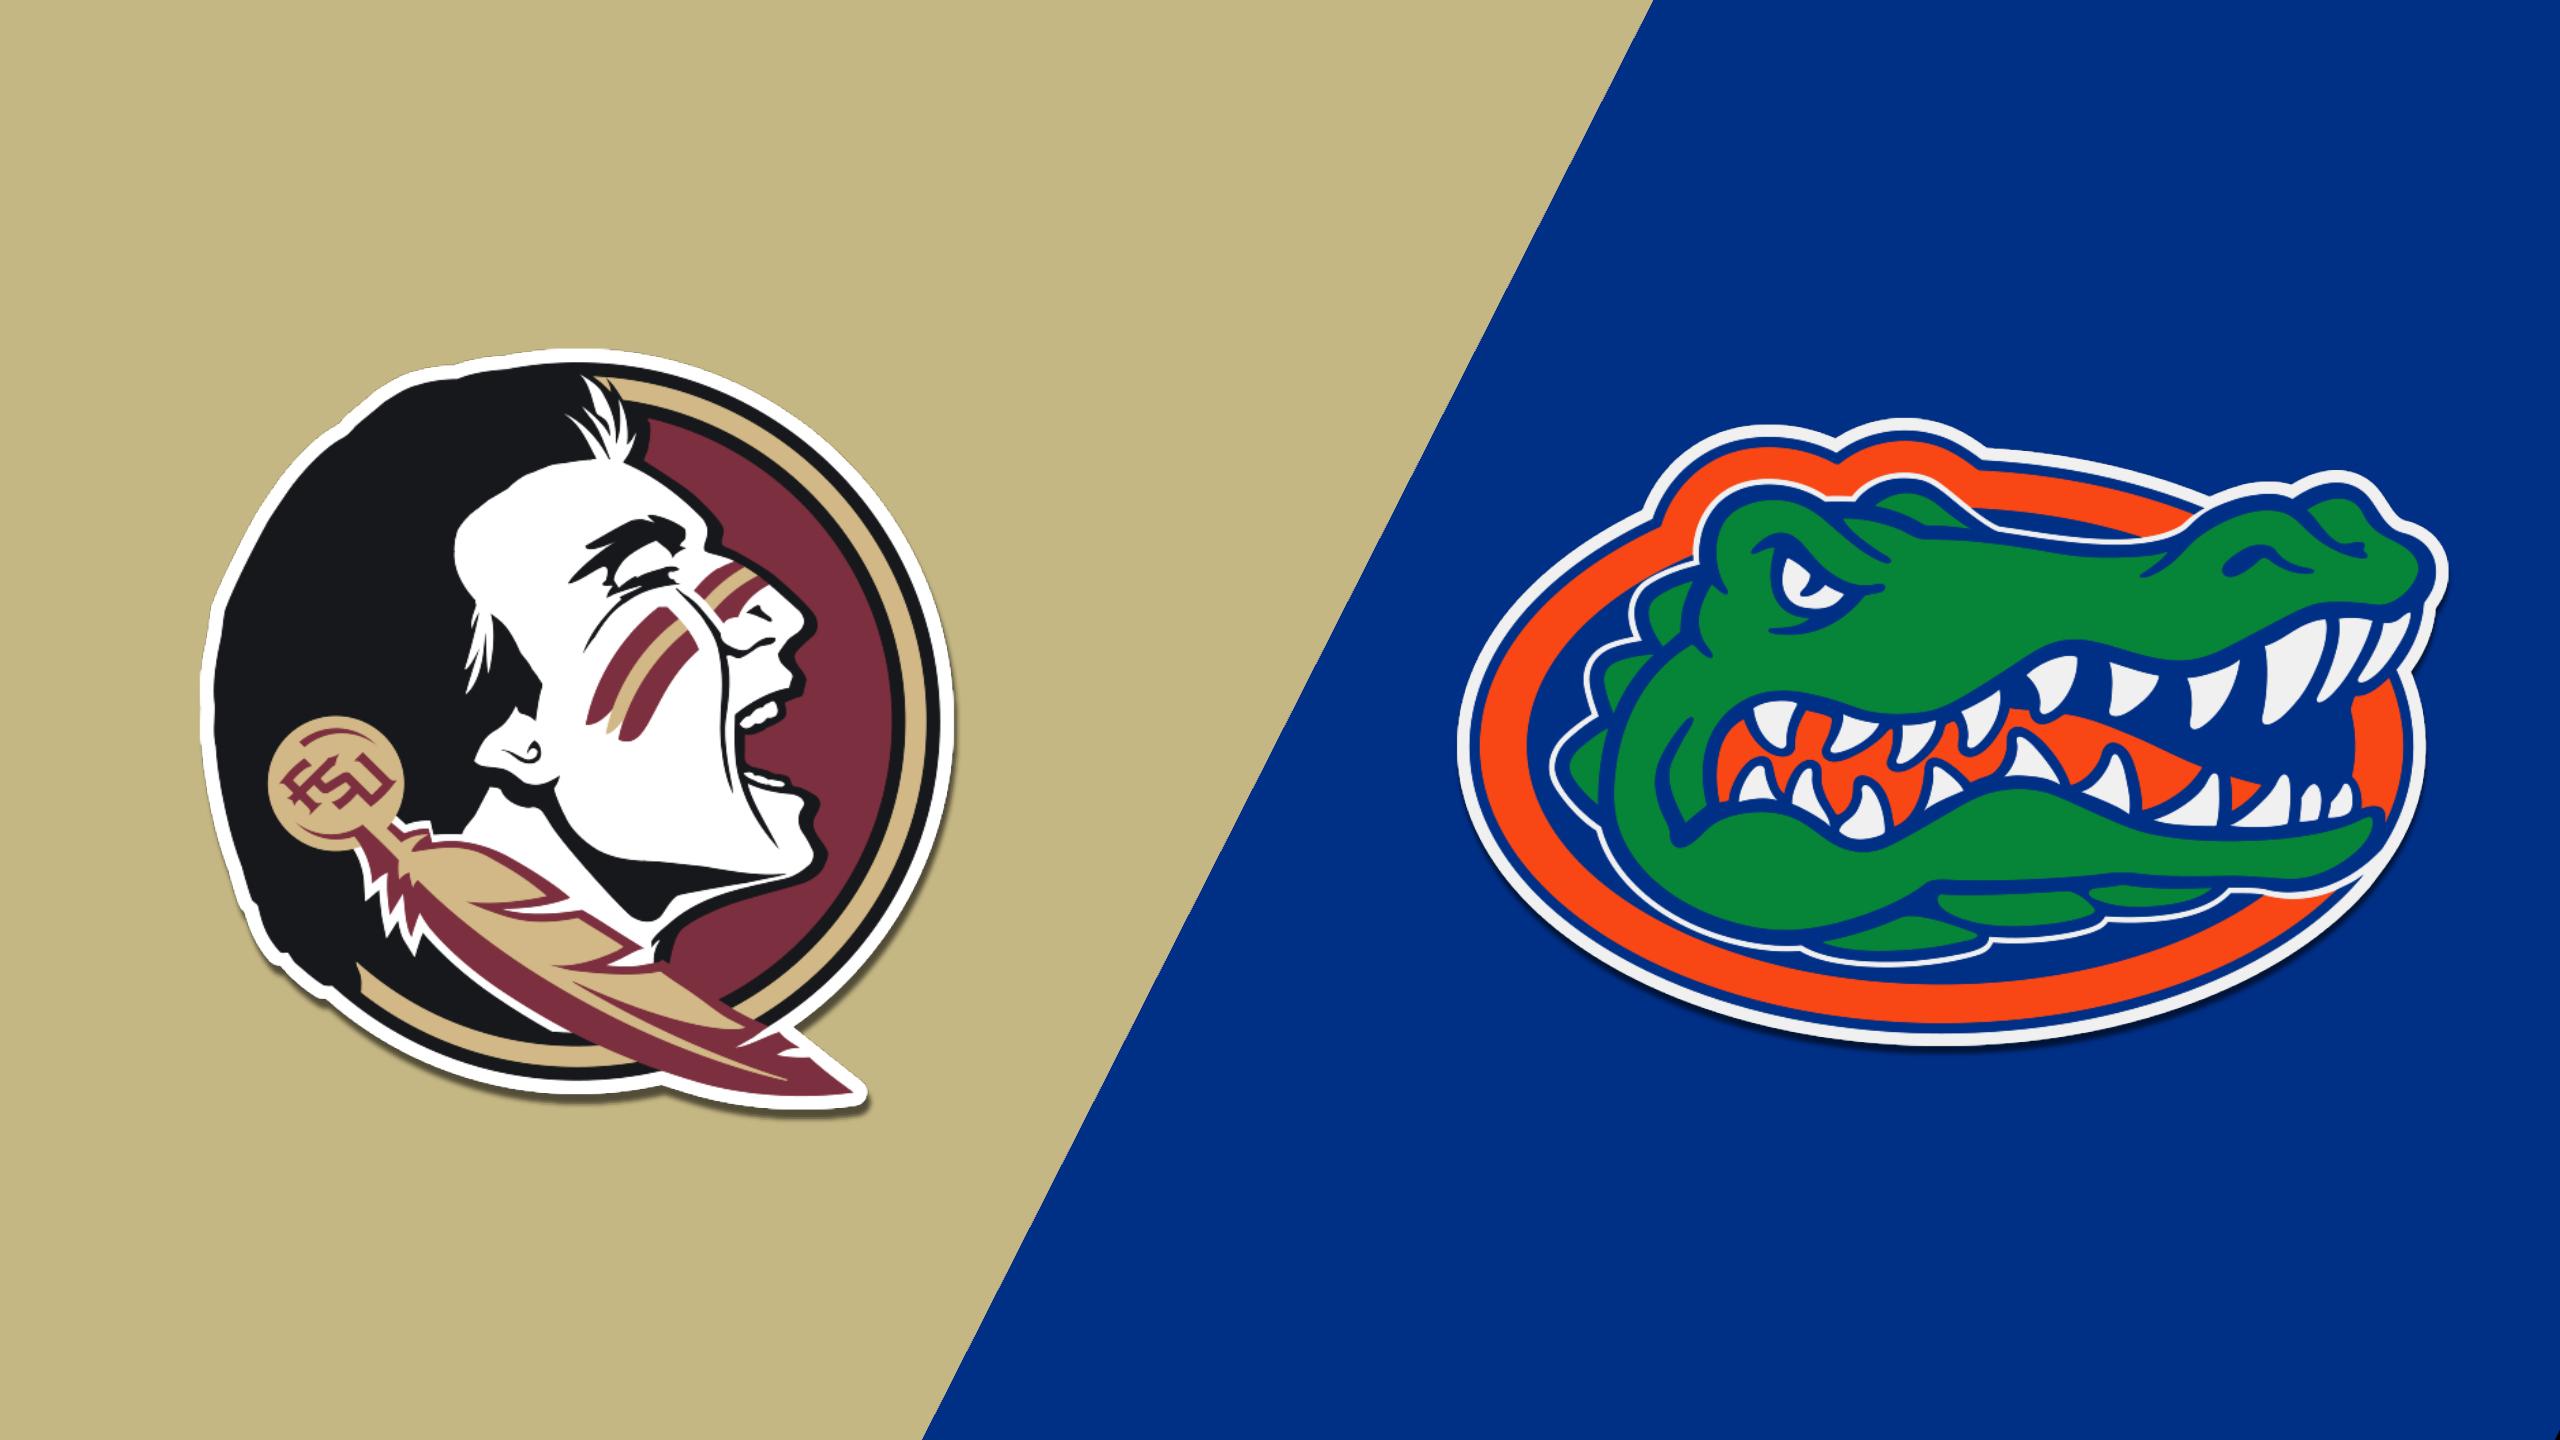 #6 Florida State vs. #7 Florida (Baseball)